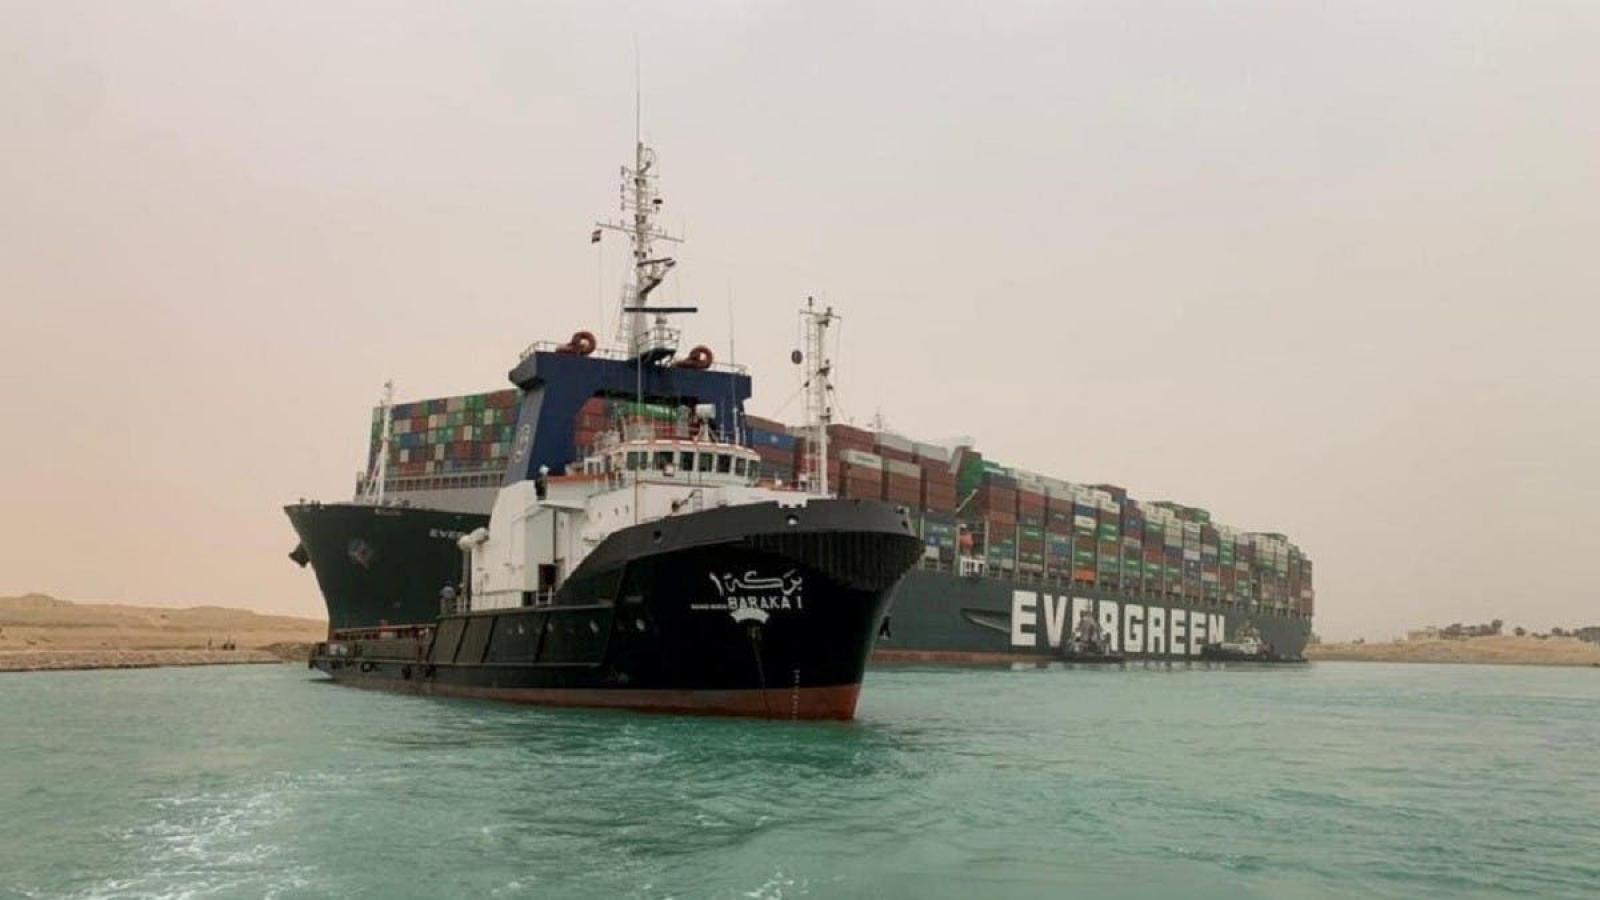 Thủy triều thấp cản trở nỗ lực giải cứu tàu mắc kẹt ở kênh đào Suez